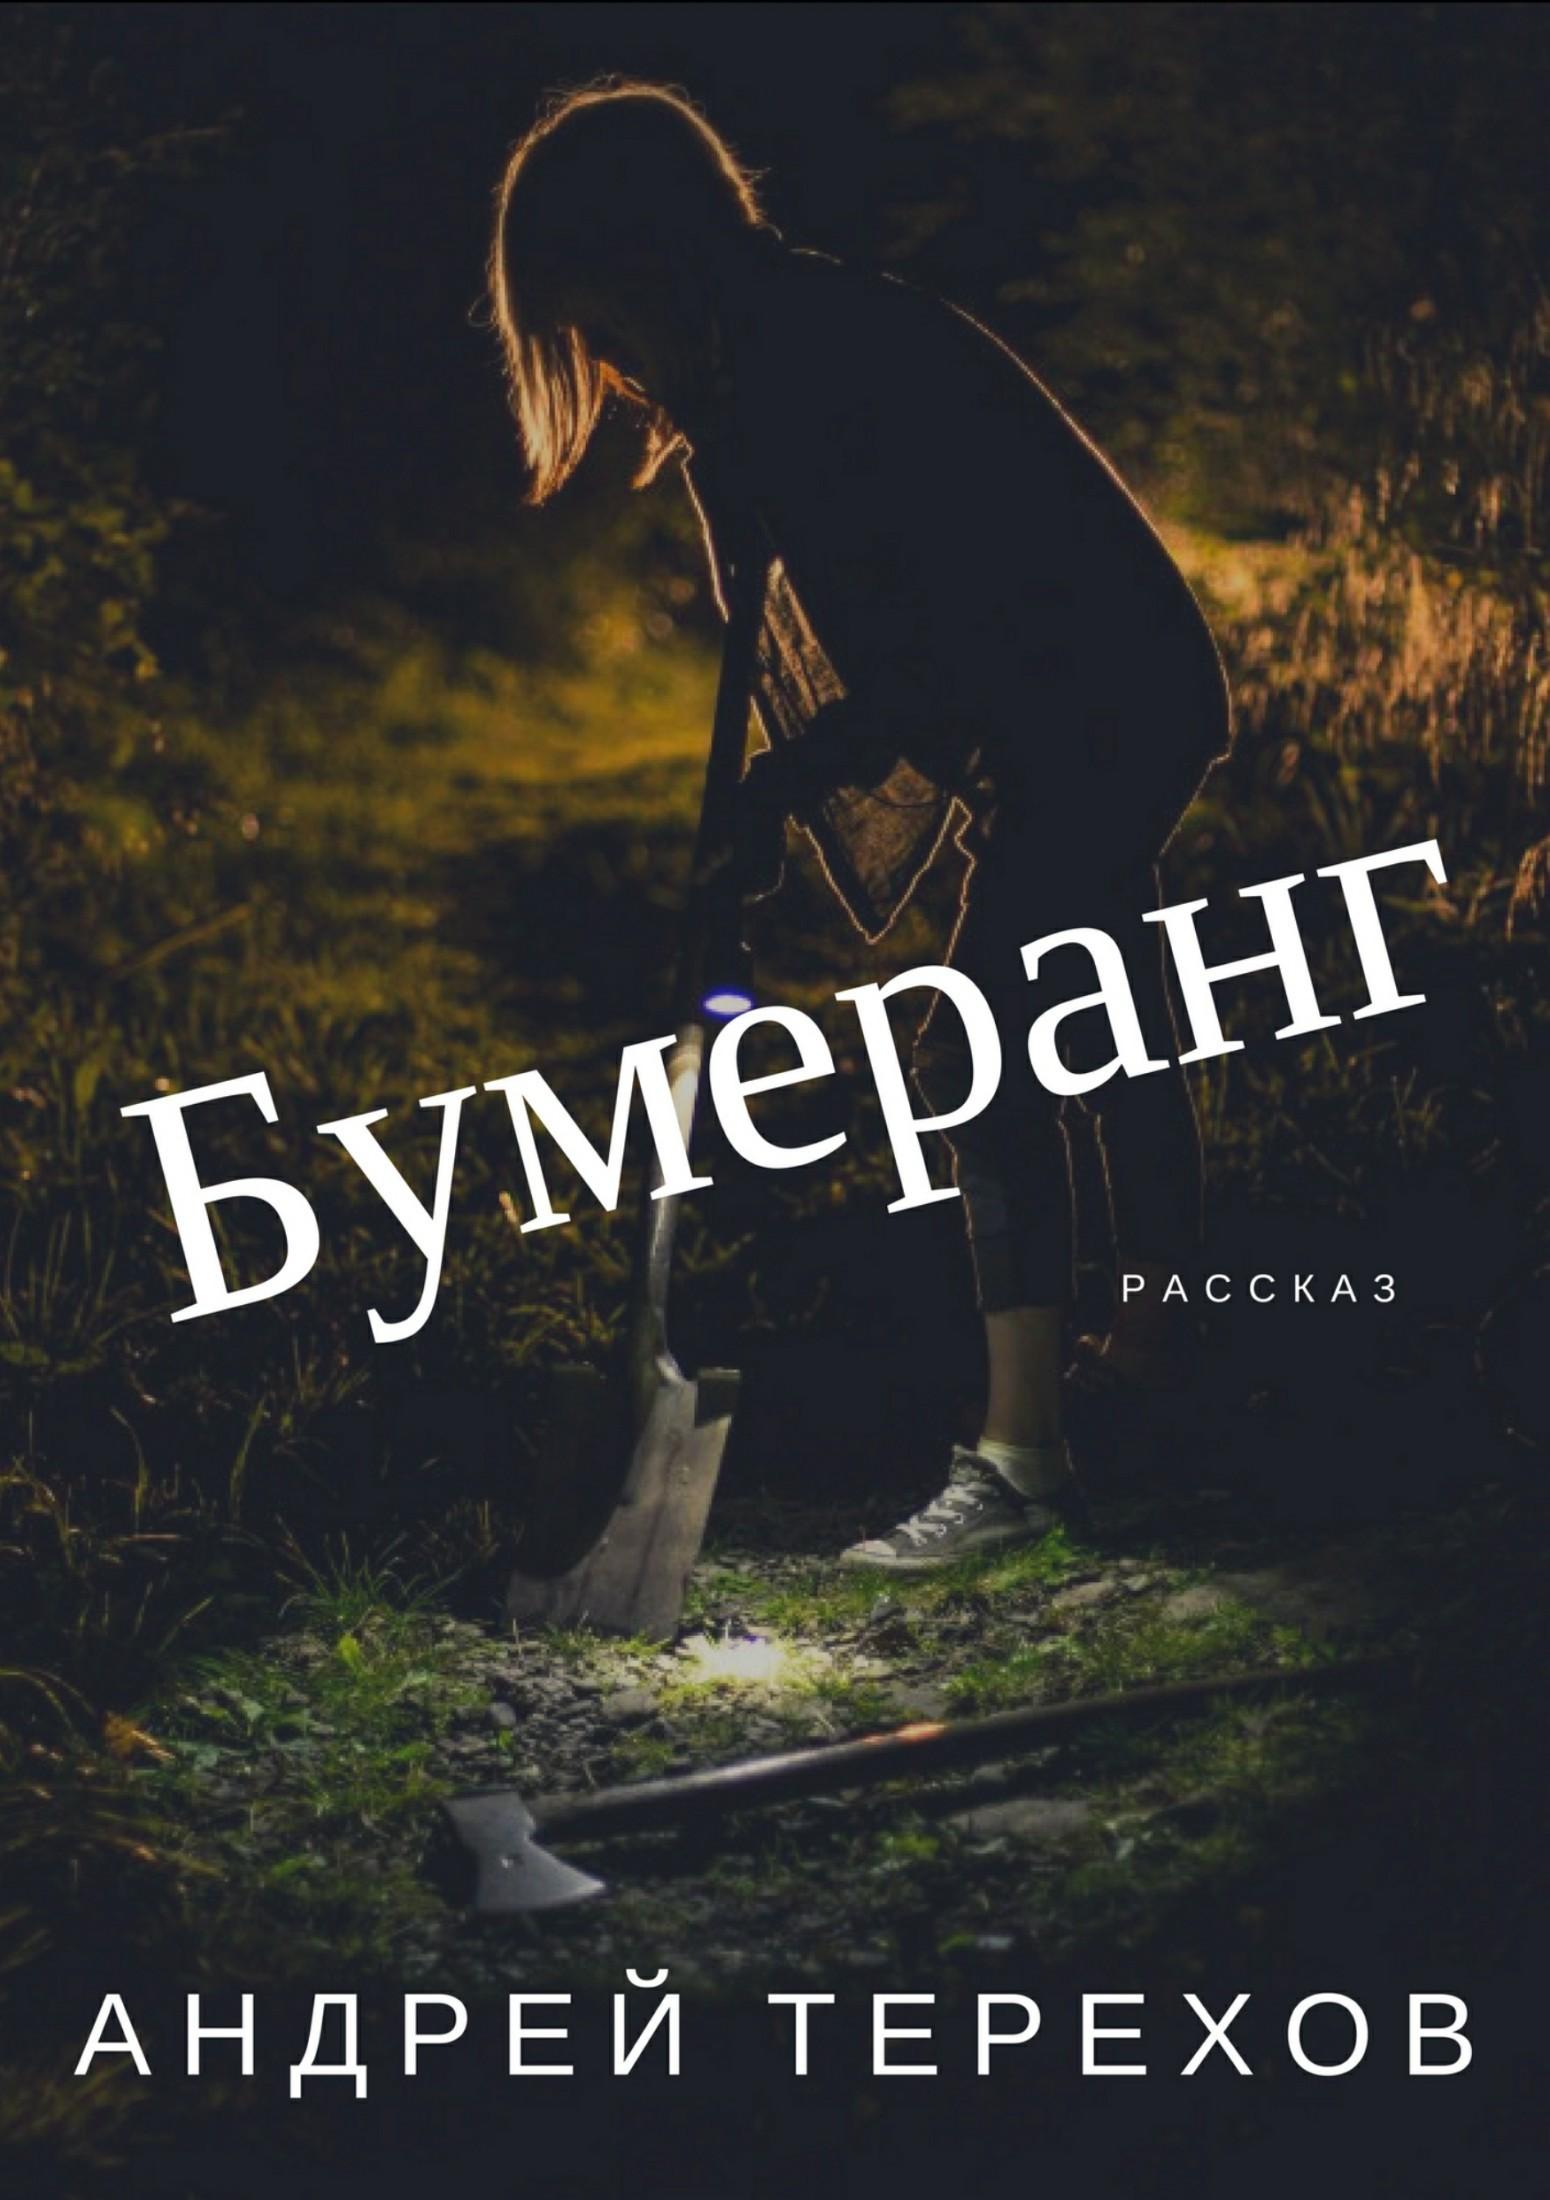 Андрей Сергеевич Терехов. Бумеранг